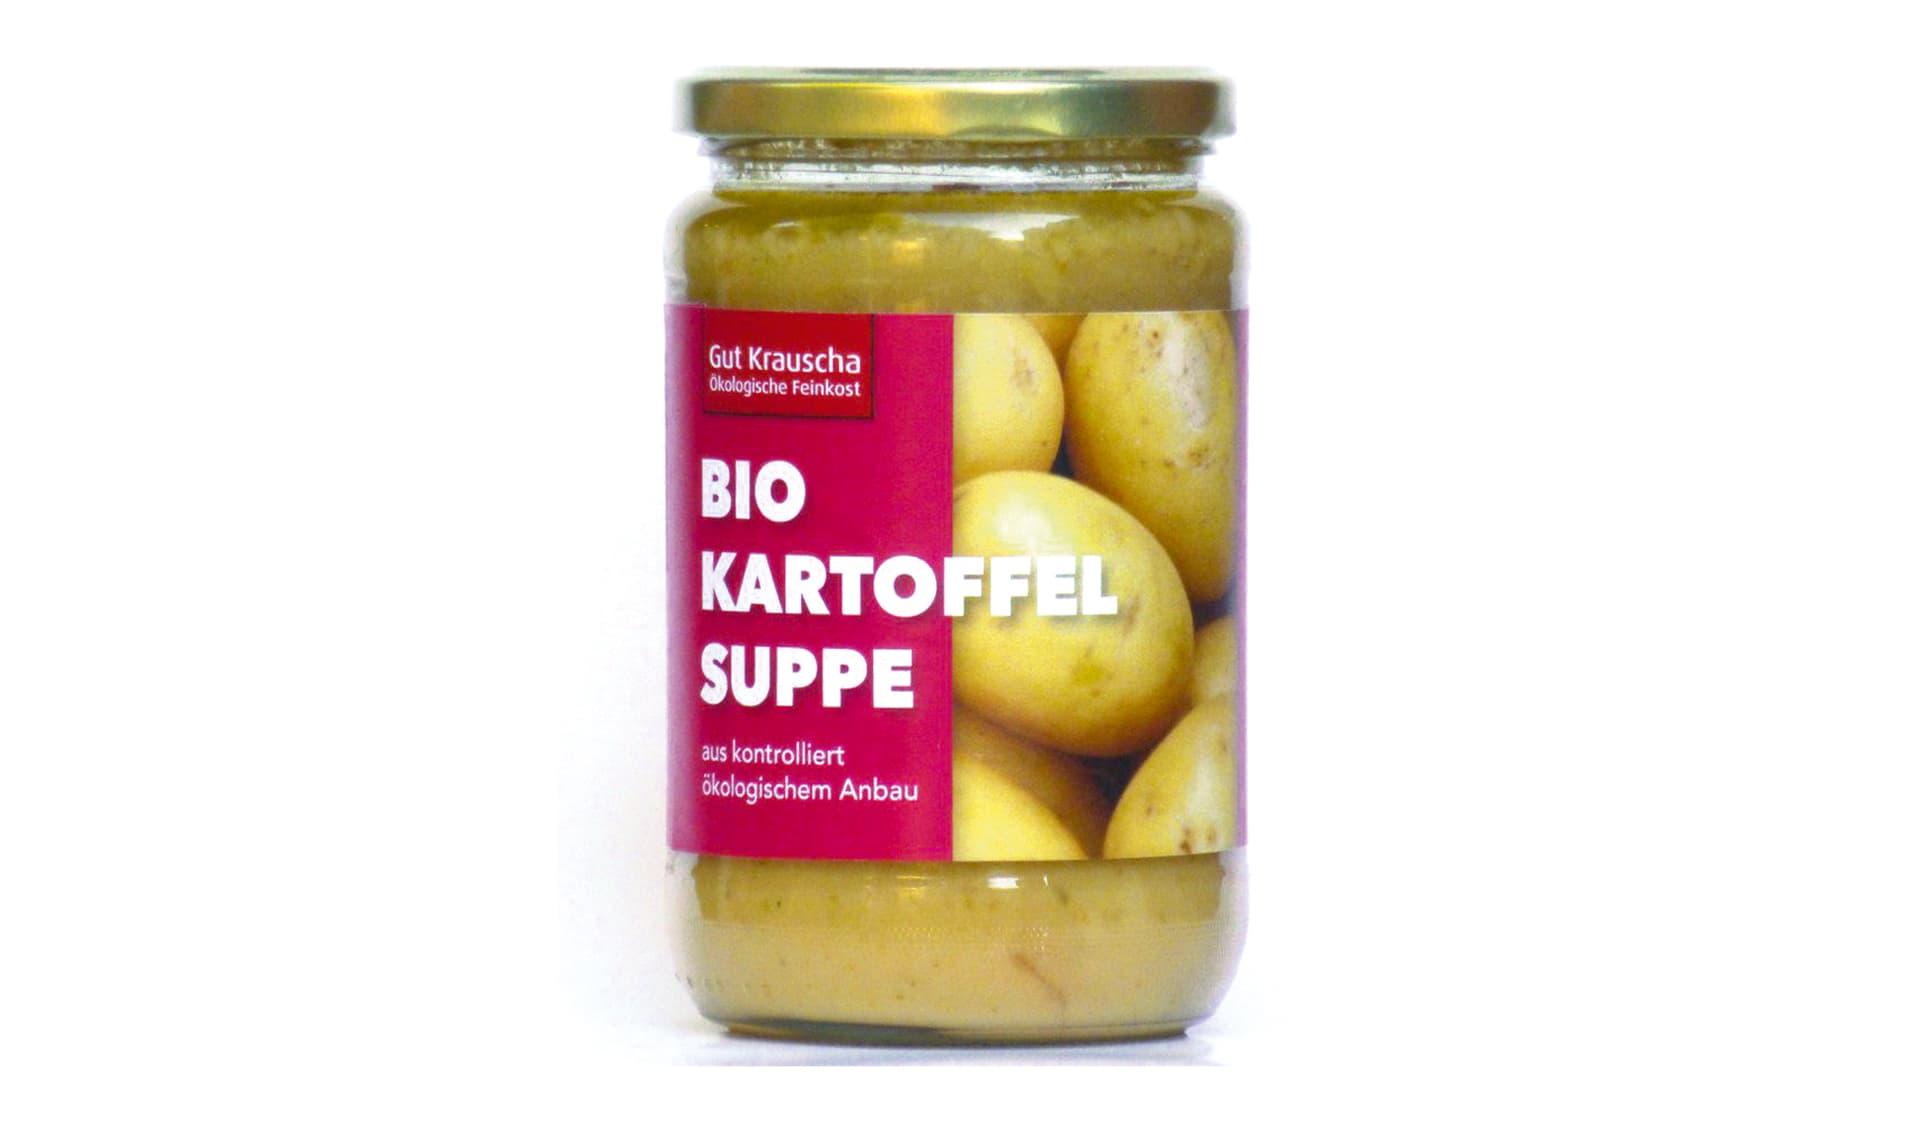 Gut Krauscha Bio Kartoffelsuppe (www.gut-krauscha.de)